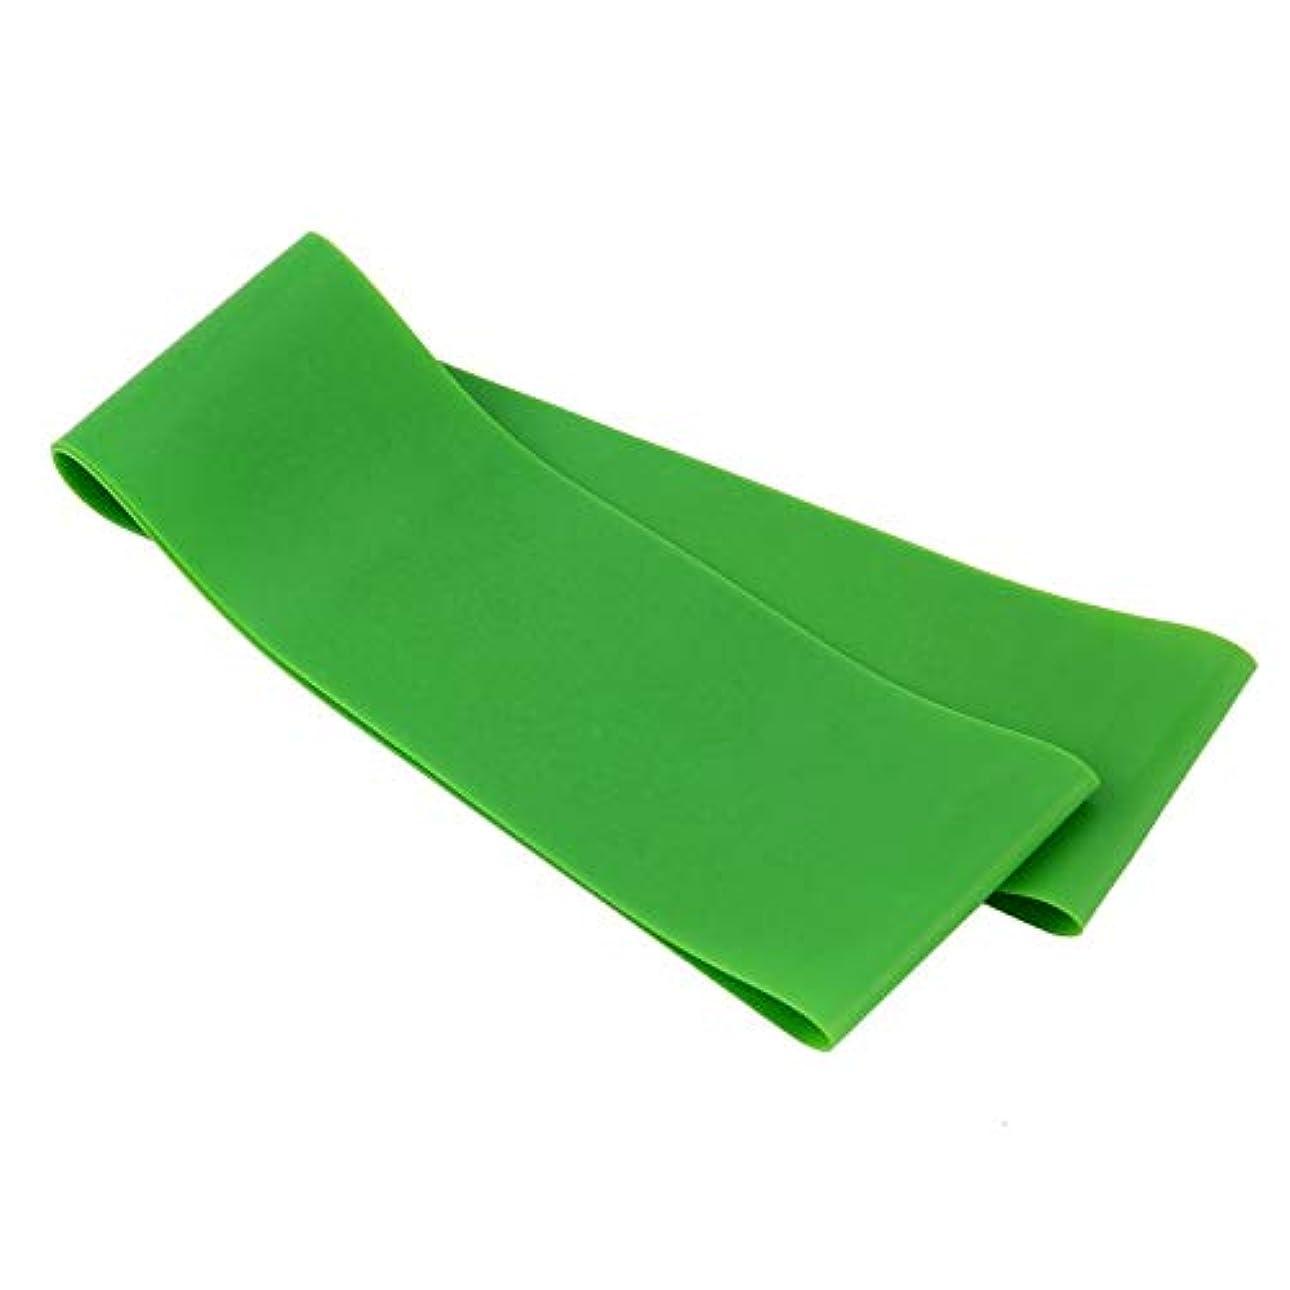 欺成分泣き叫ぶ滑り止め伸縮性ゴム弾性ヨガベルトバンドプルロープ張力抵抗バンドループ強度のためのフィットネスヨガツール - グリーン